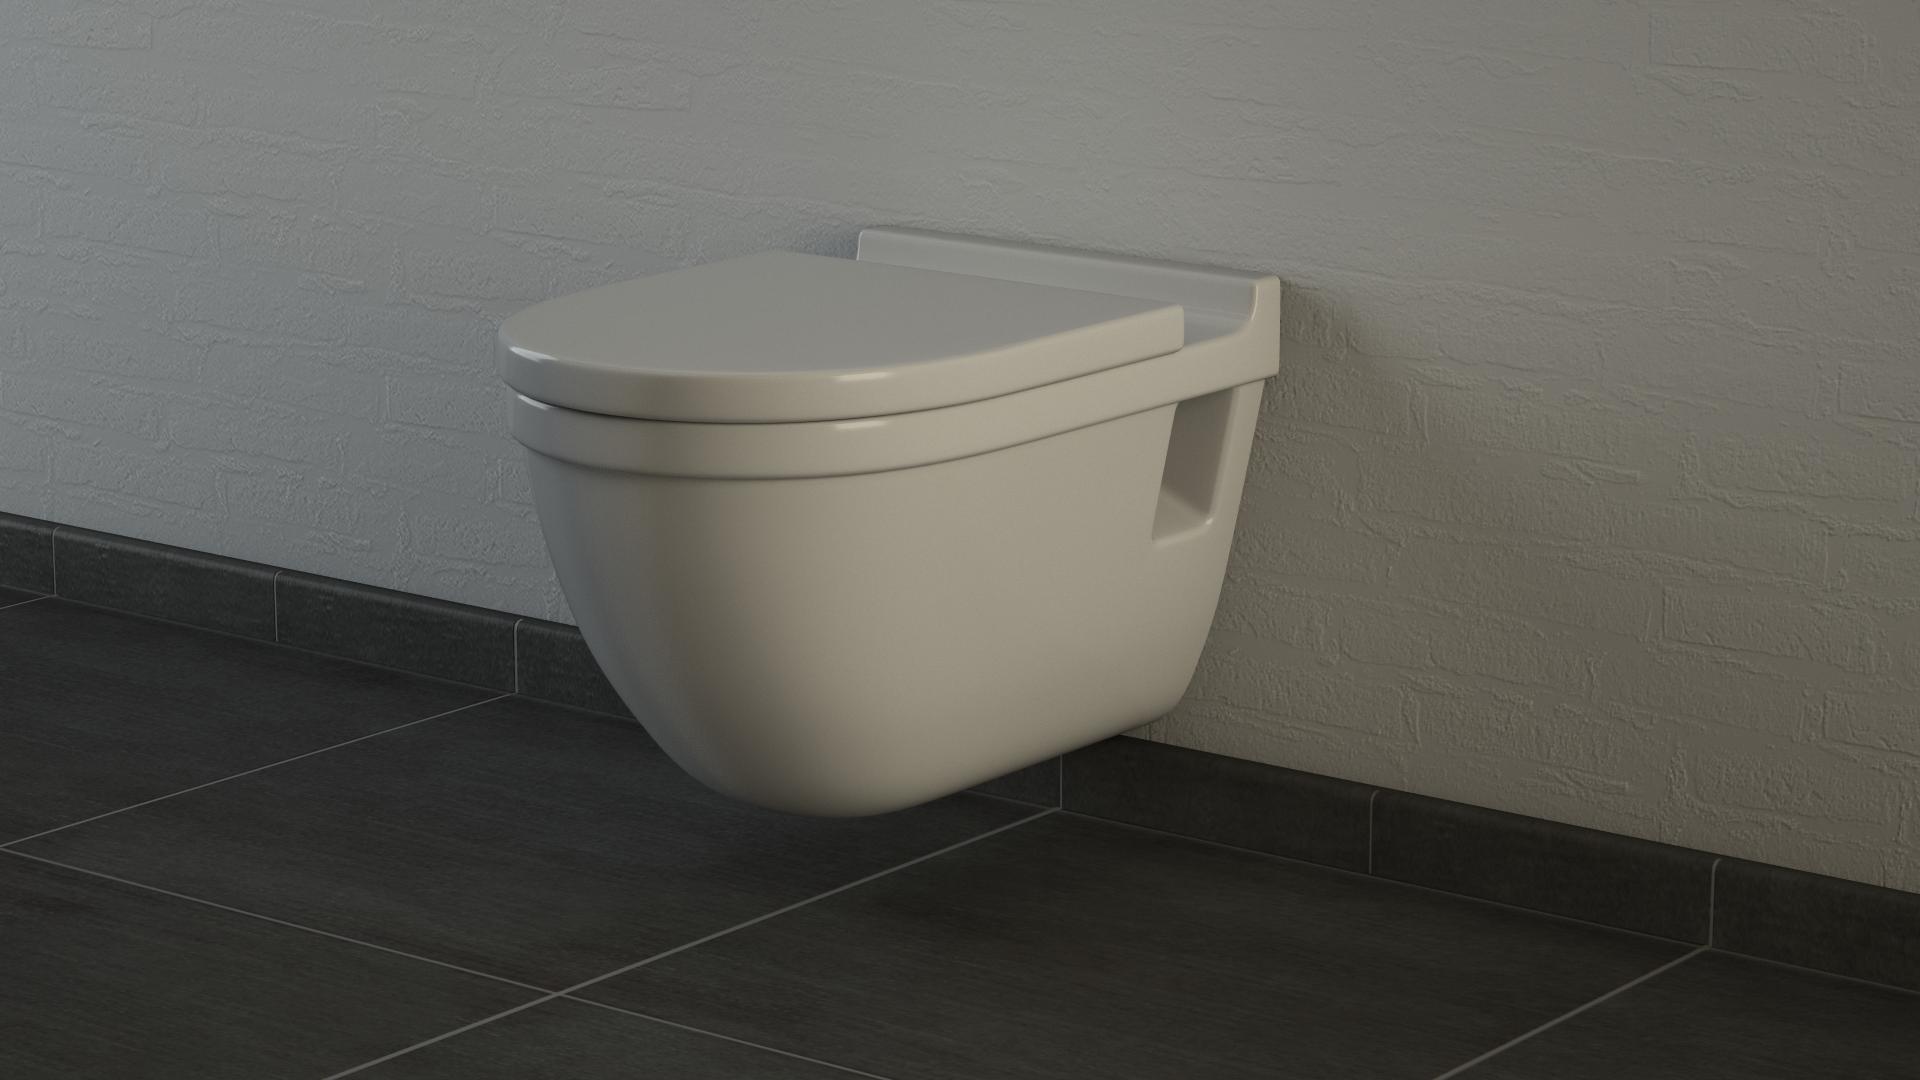 duravit starck toilet by thonbo on deviantart. Black Bedroom Furniture Sets. Home Design Ideas